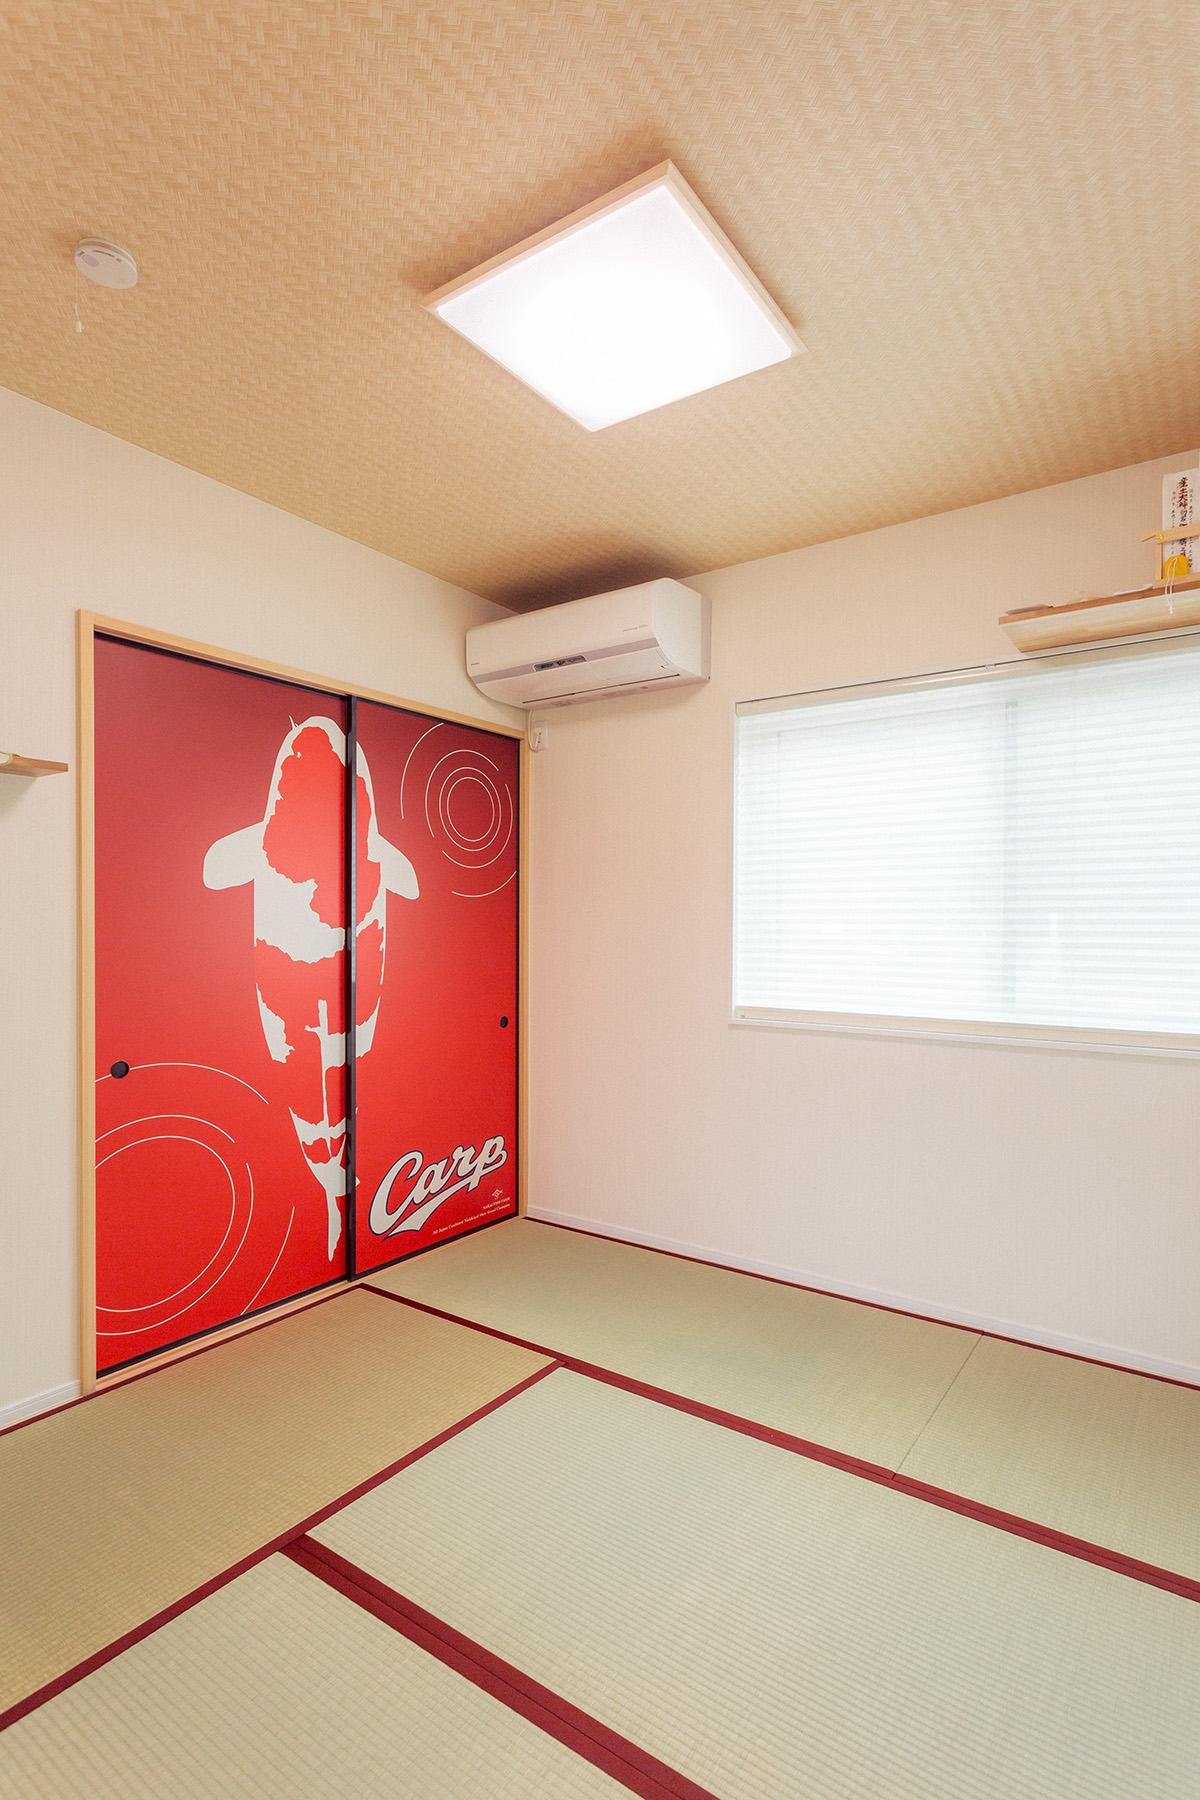 和室はカープの襖がポイント。ご友人が来られると良く写真を撮って帰られるのだとか。